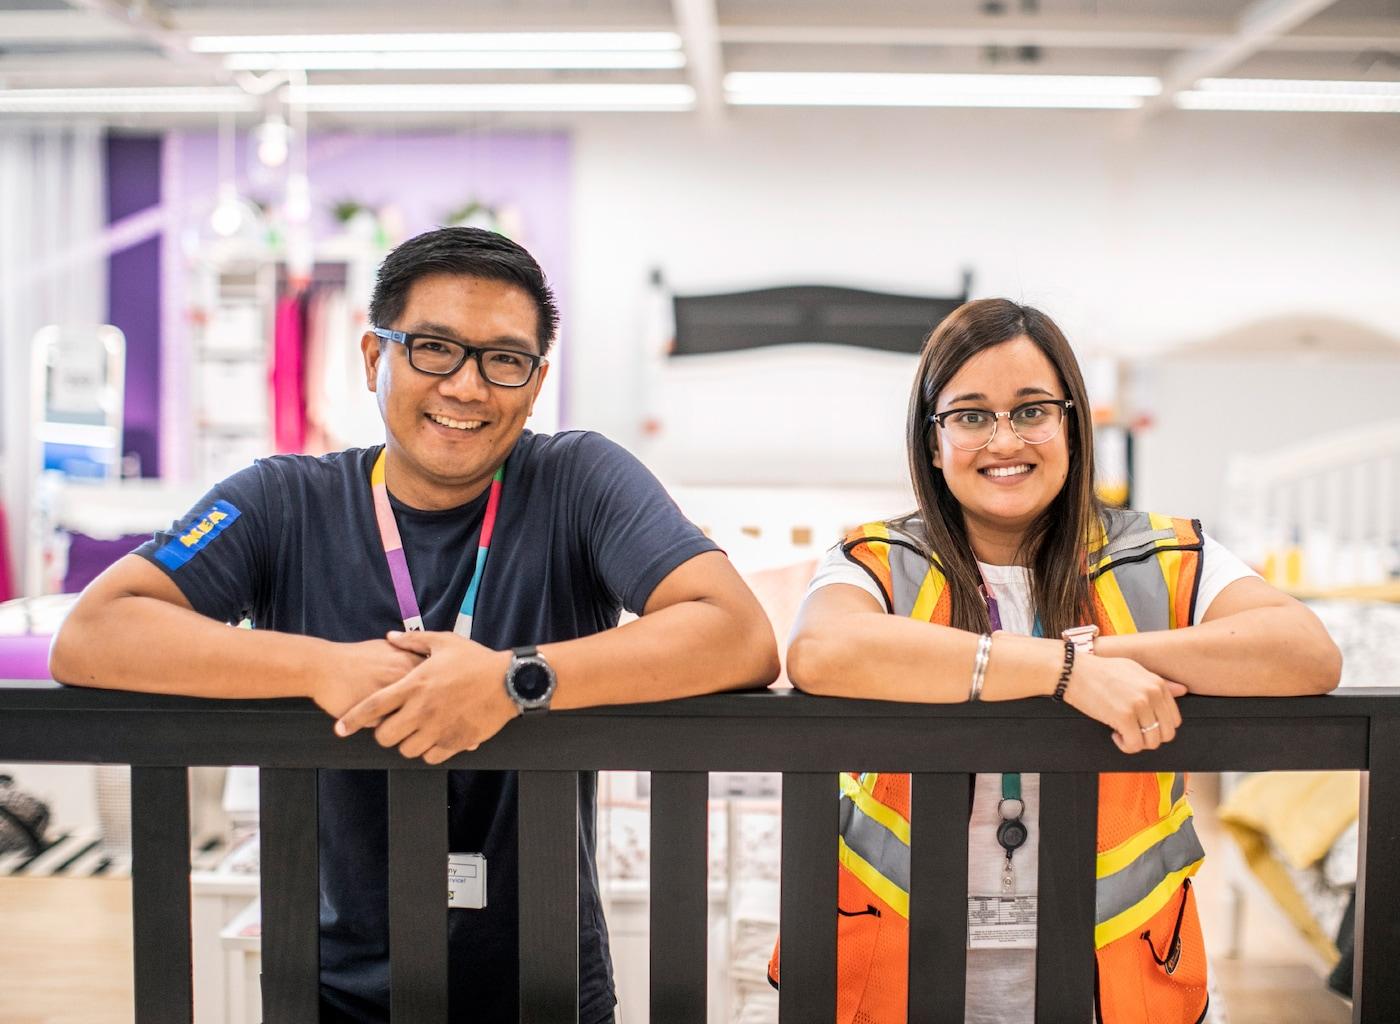 Dva zaposlena v podjetju IKEA, nagnjena nad lesen okvir. Oba nosita trak okoli vratu in sta nasmejana.